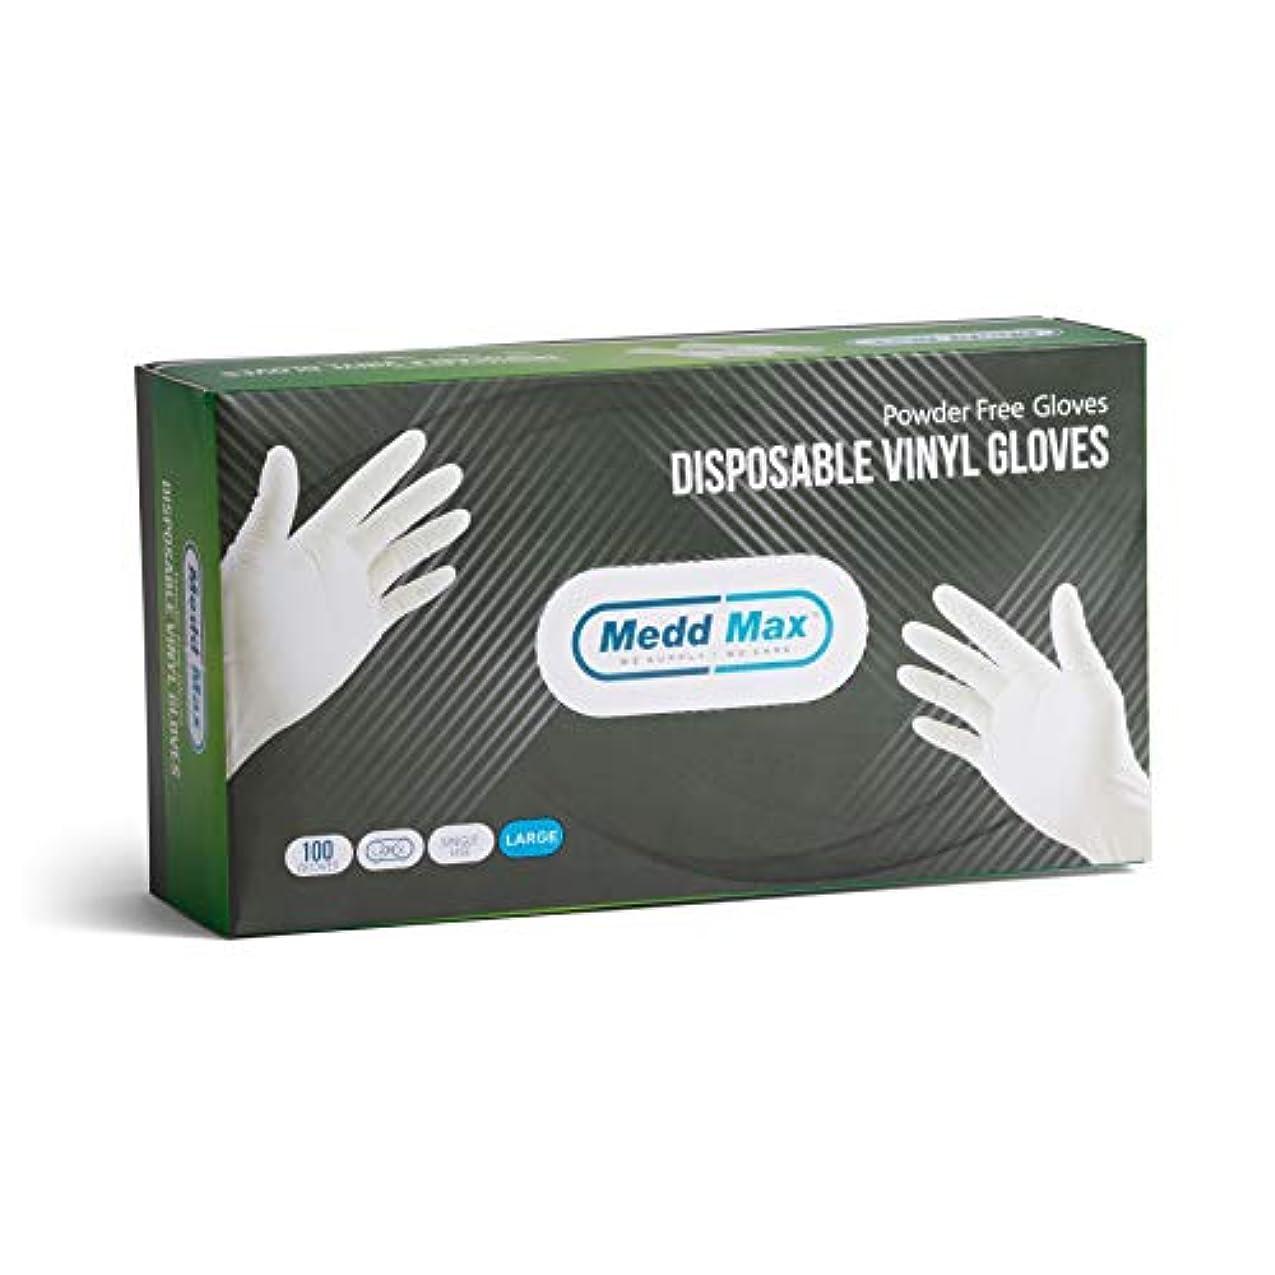 敷居法医学ユーモアMedd Max 使い捨て ビニール手袋 パウダー フリーサイズ ラージ 試験グレード 手袋